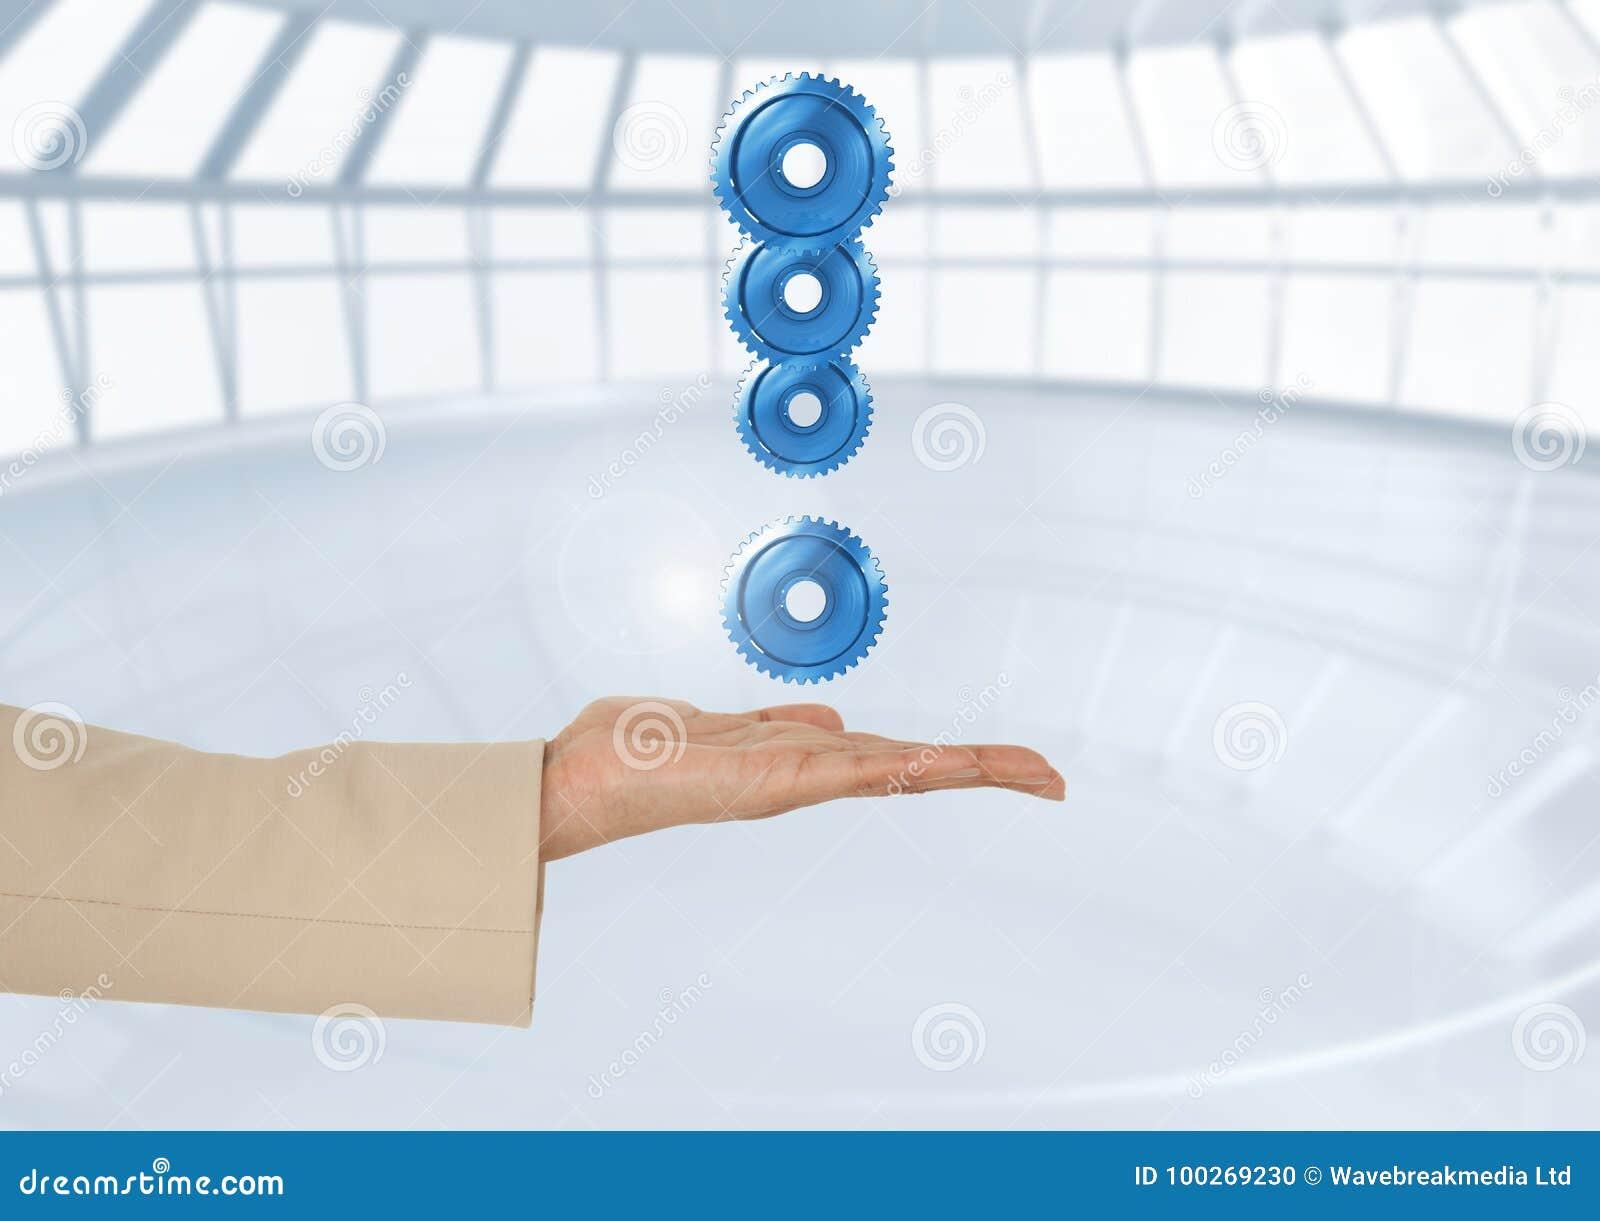 拿着惊叹号的手由嵌齿轮制成